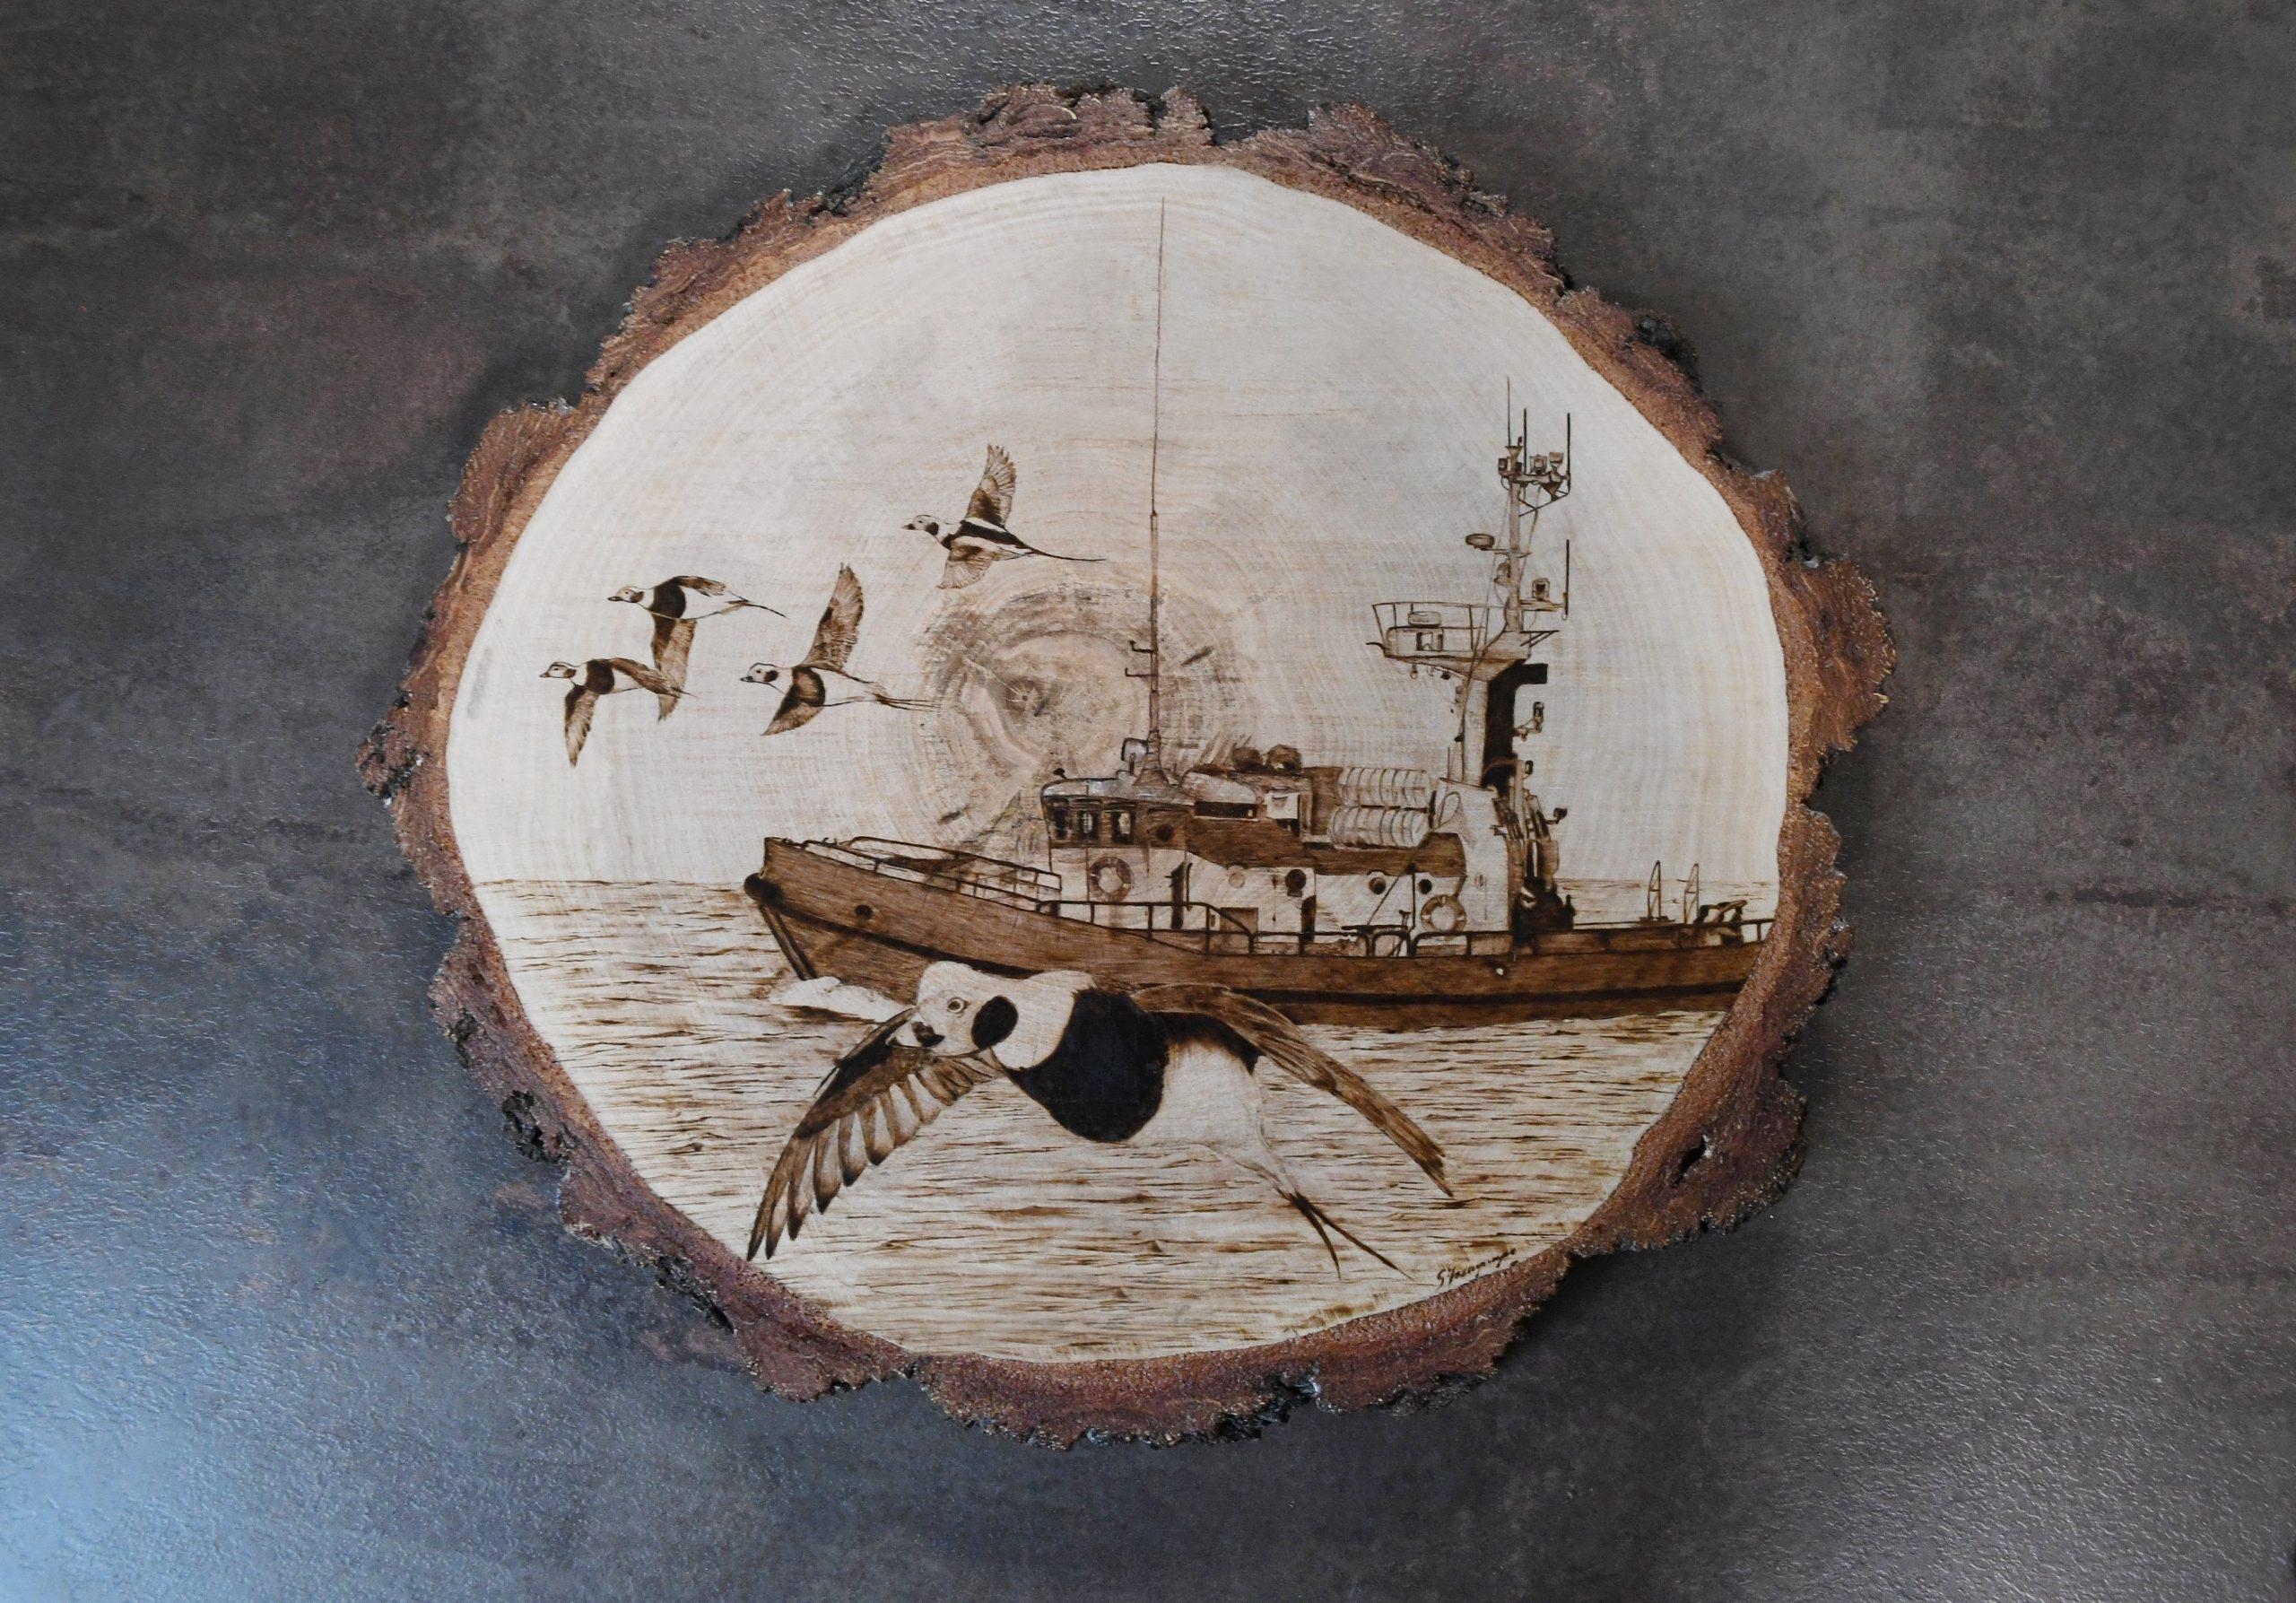 wypalanie w drewnie, sylwia, pirografia, janczyszyn, pyrography, handmade, rękodzieło, pomysł na prezent, spersonalizowane pamiątki